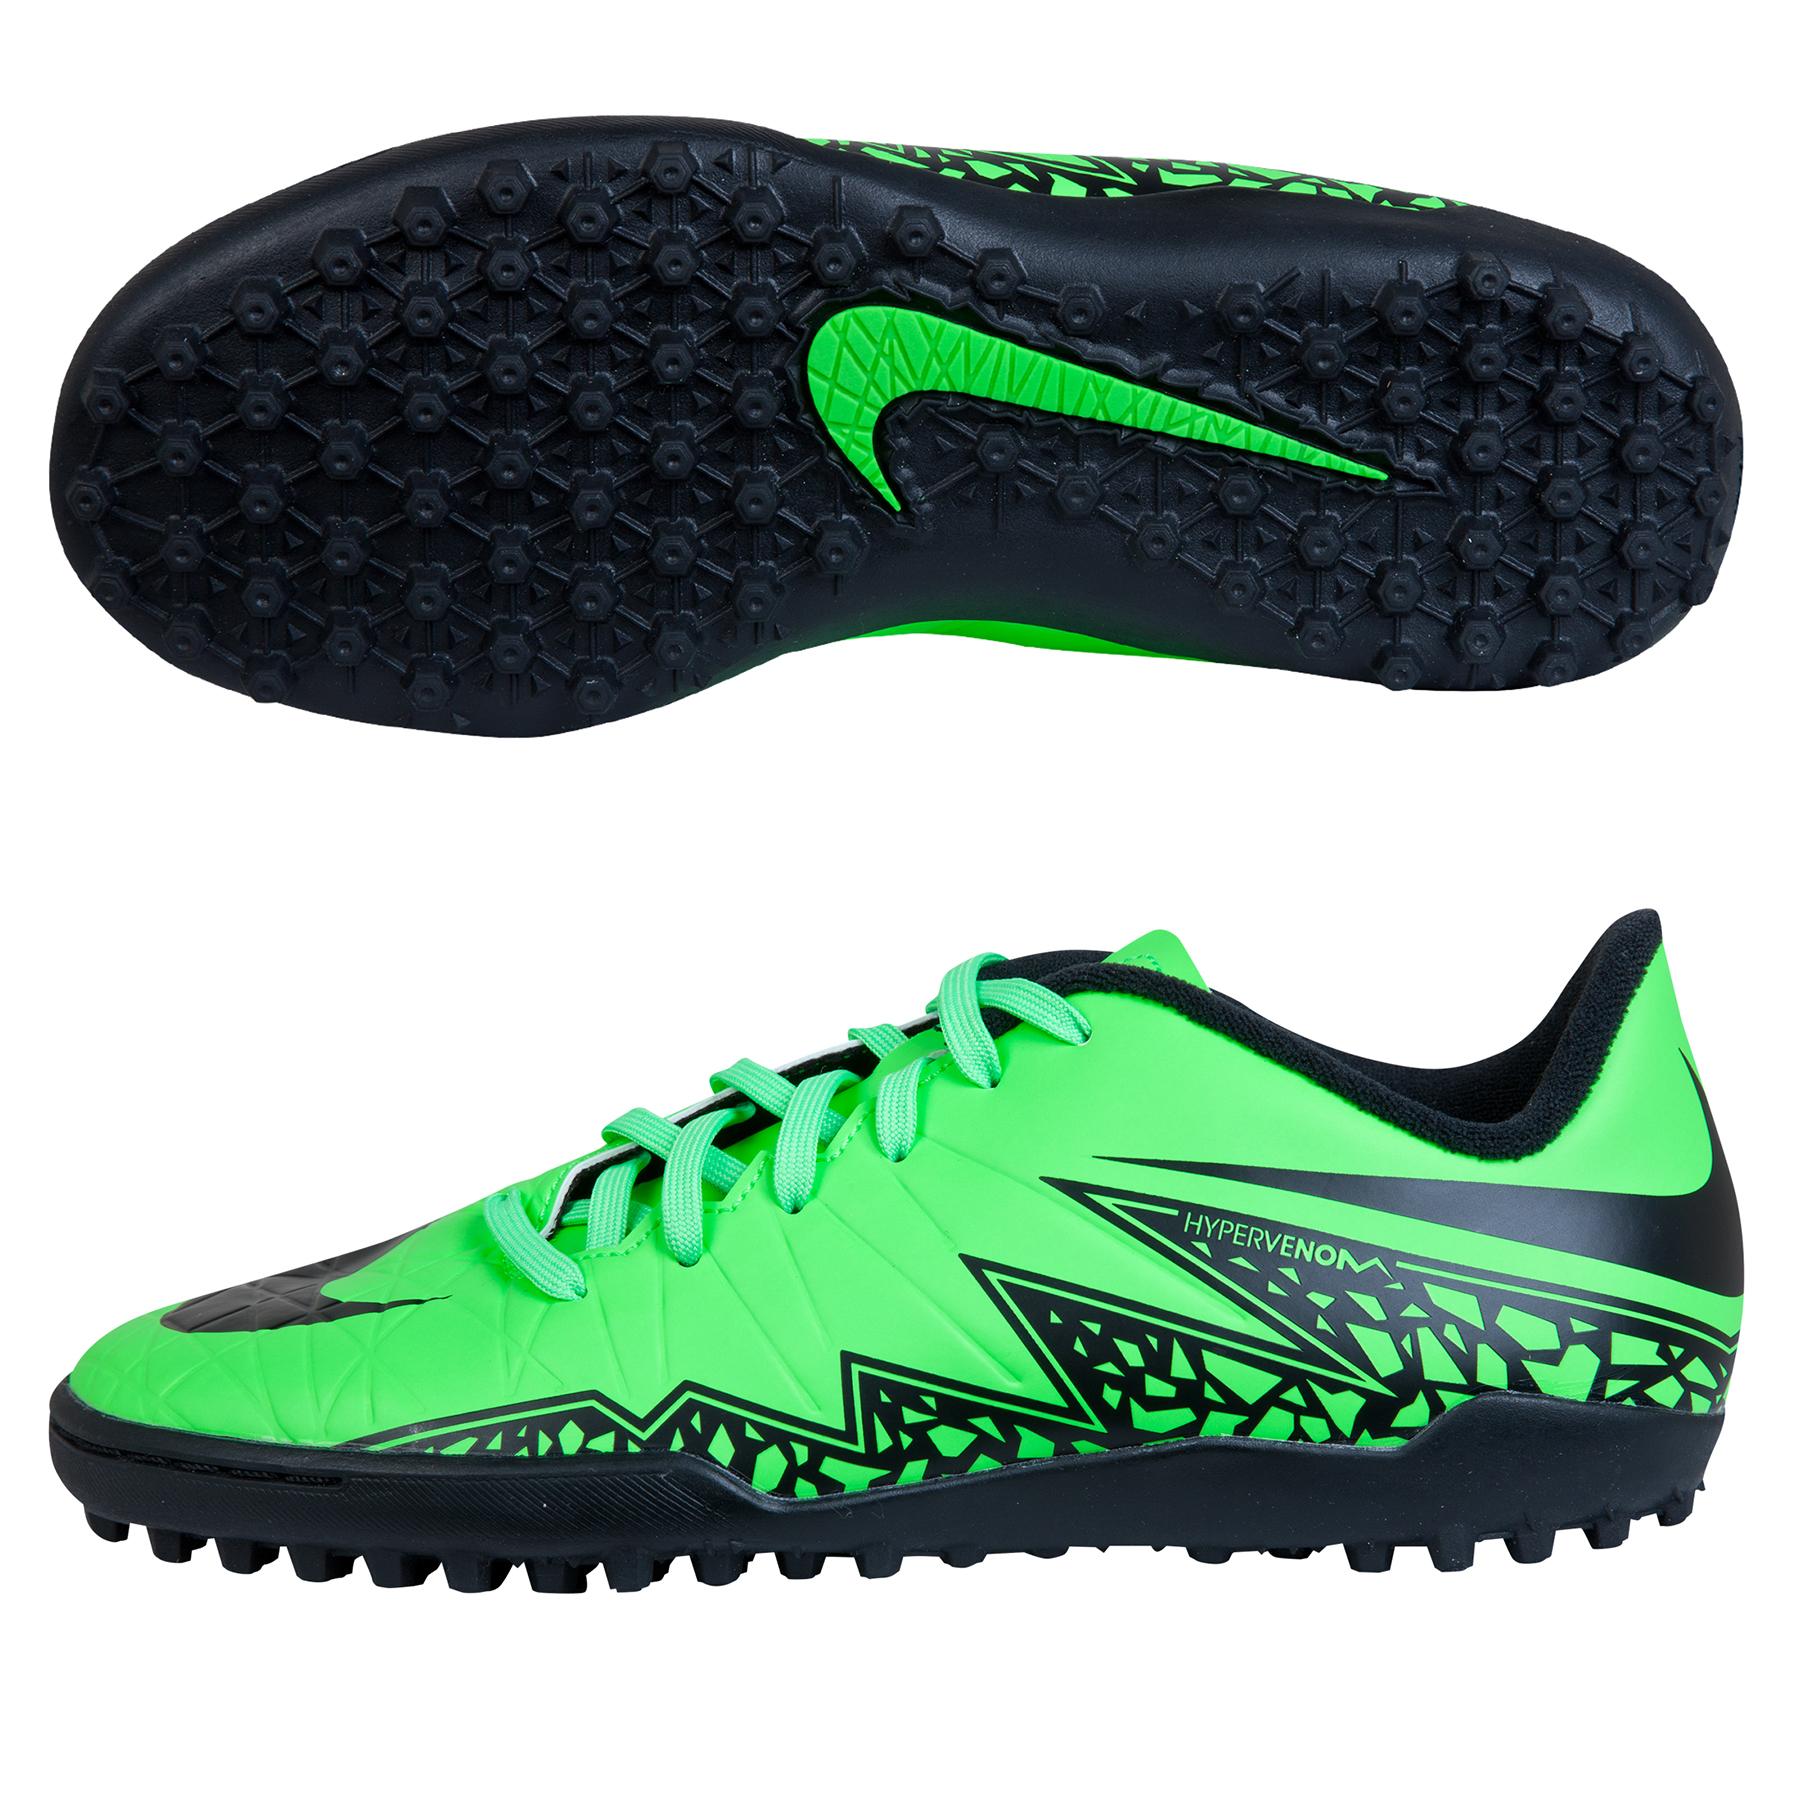 Nike Hypervenom Phelon II Astroturf Trainers  Kids Lt Green